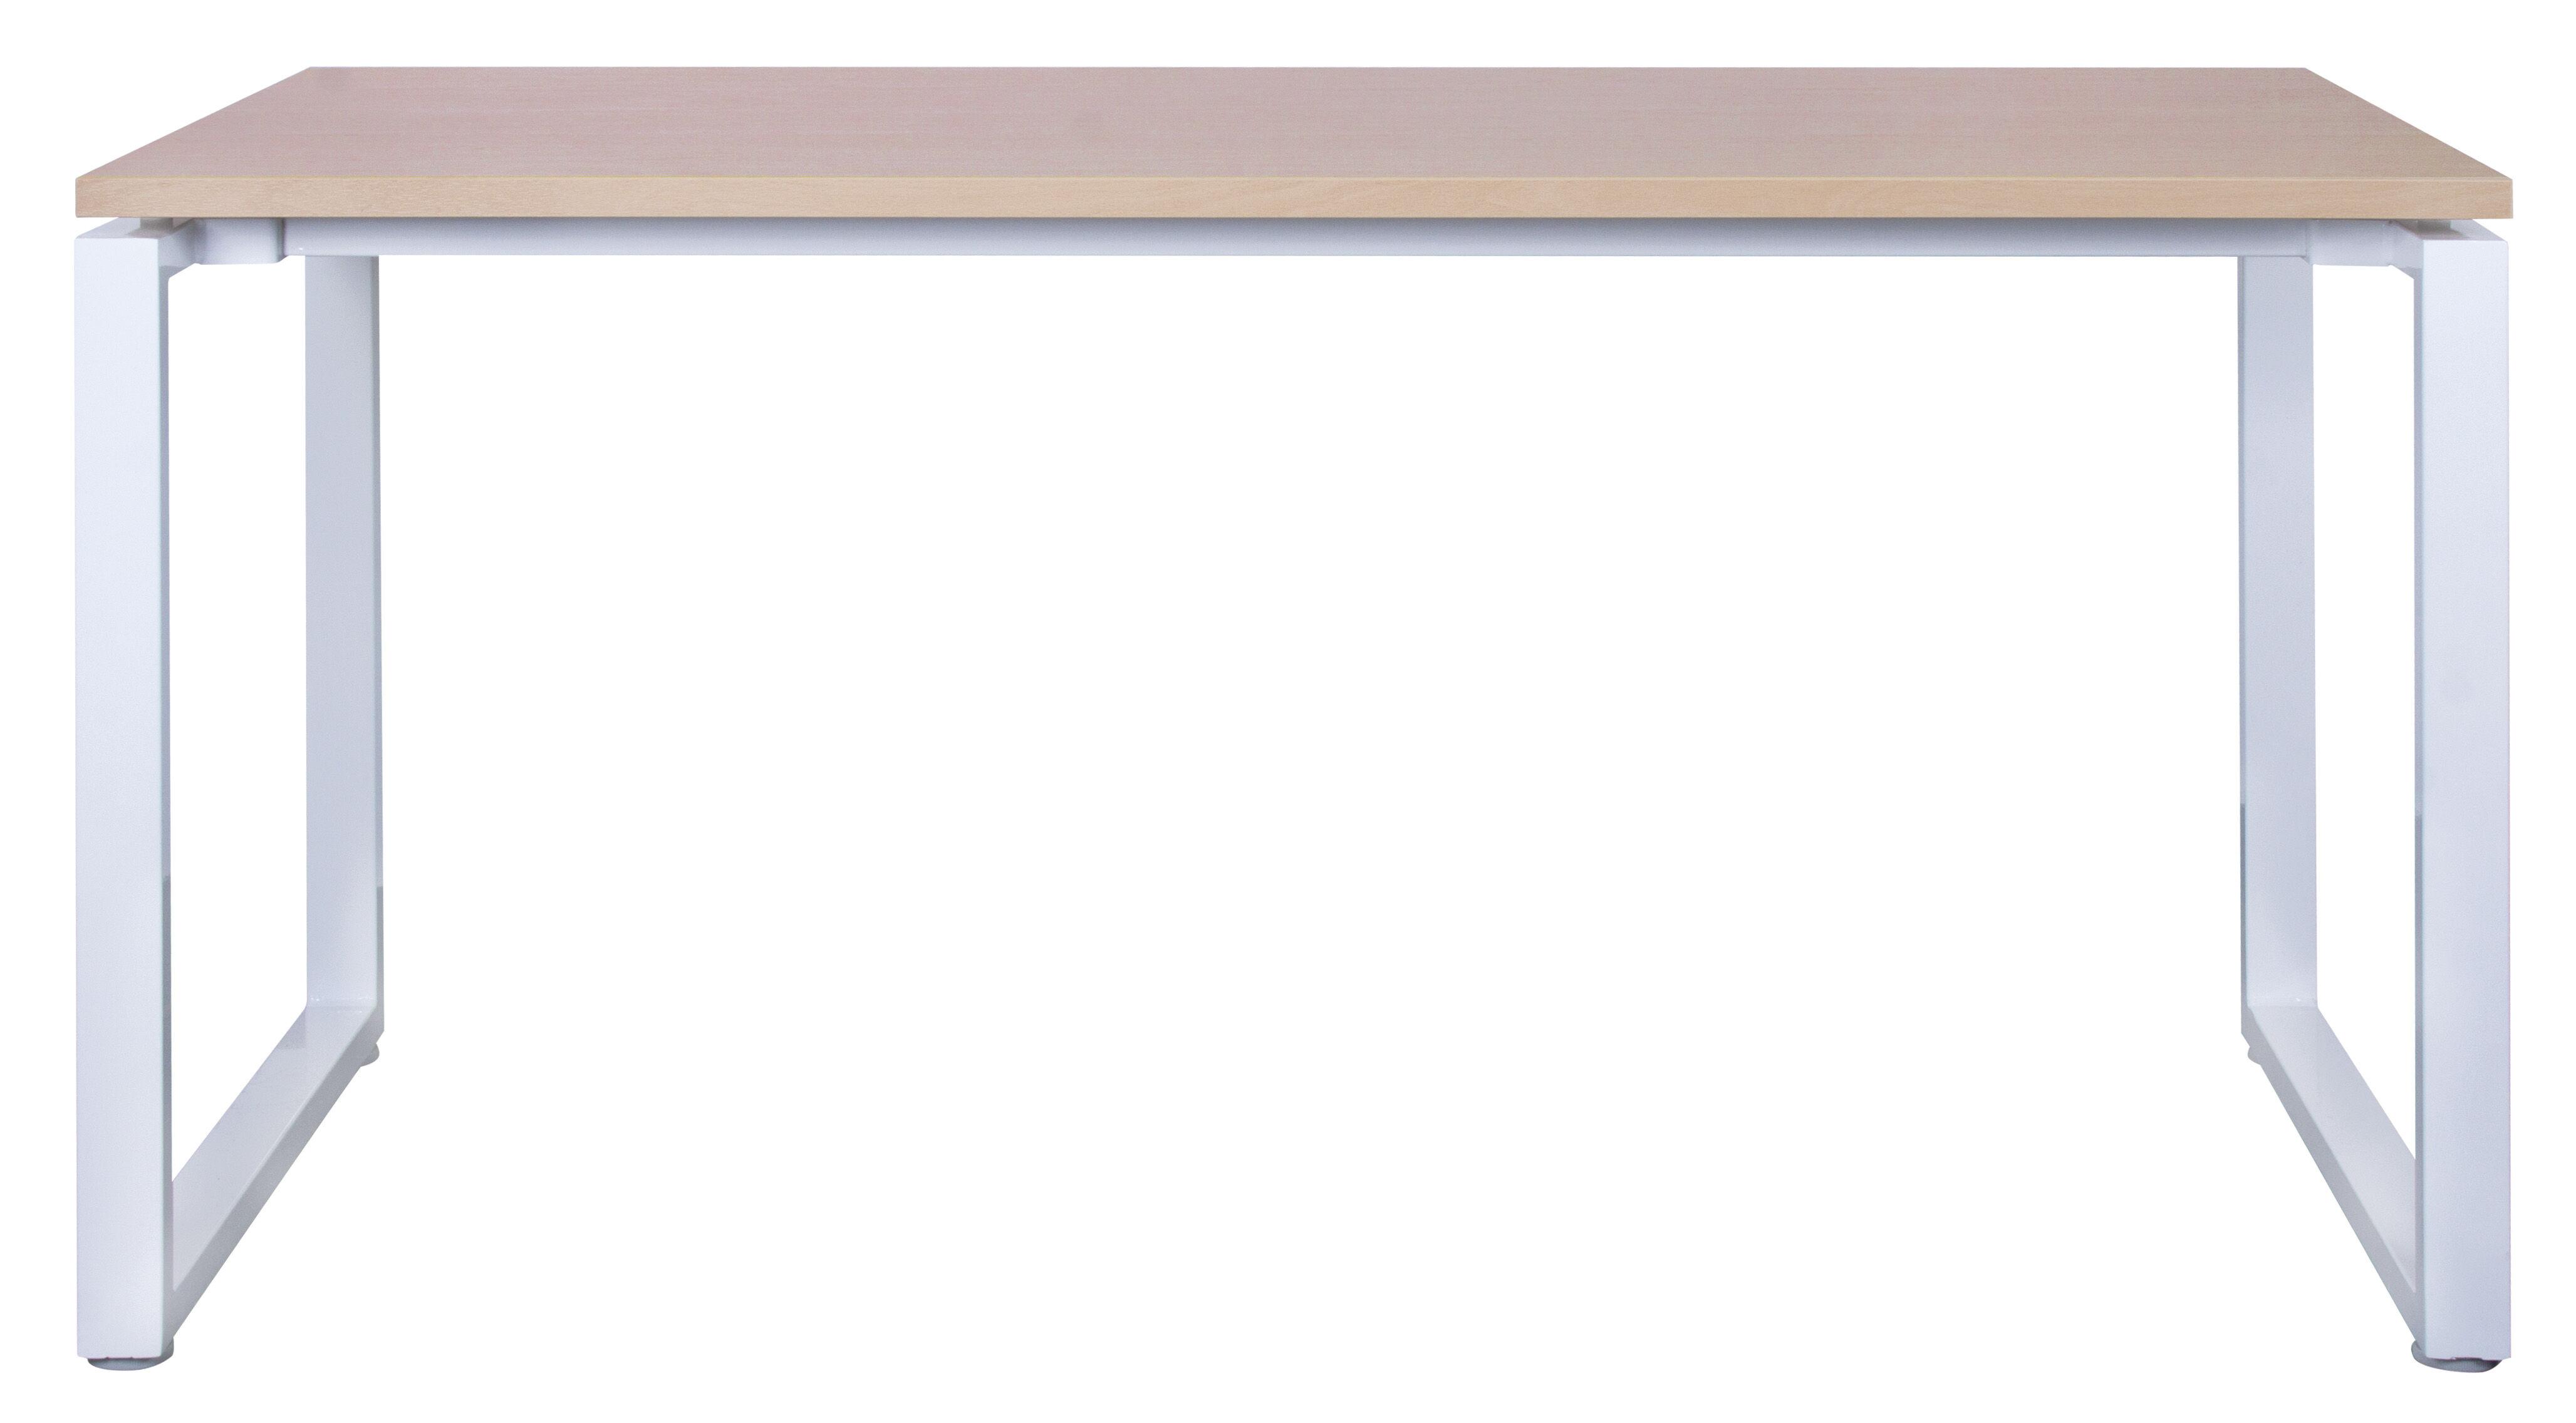 Bureau droit MT1 Elégance - L120 x P67 x H75 cm - pieds blancs - plateau imitation hêtre